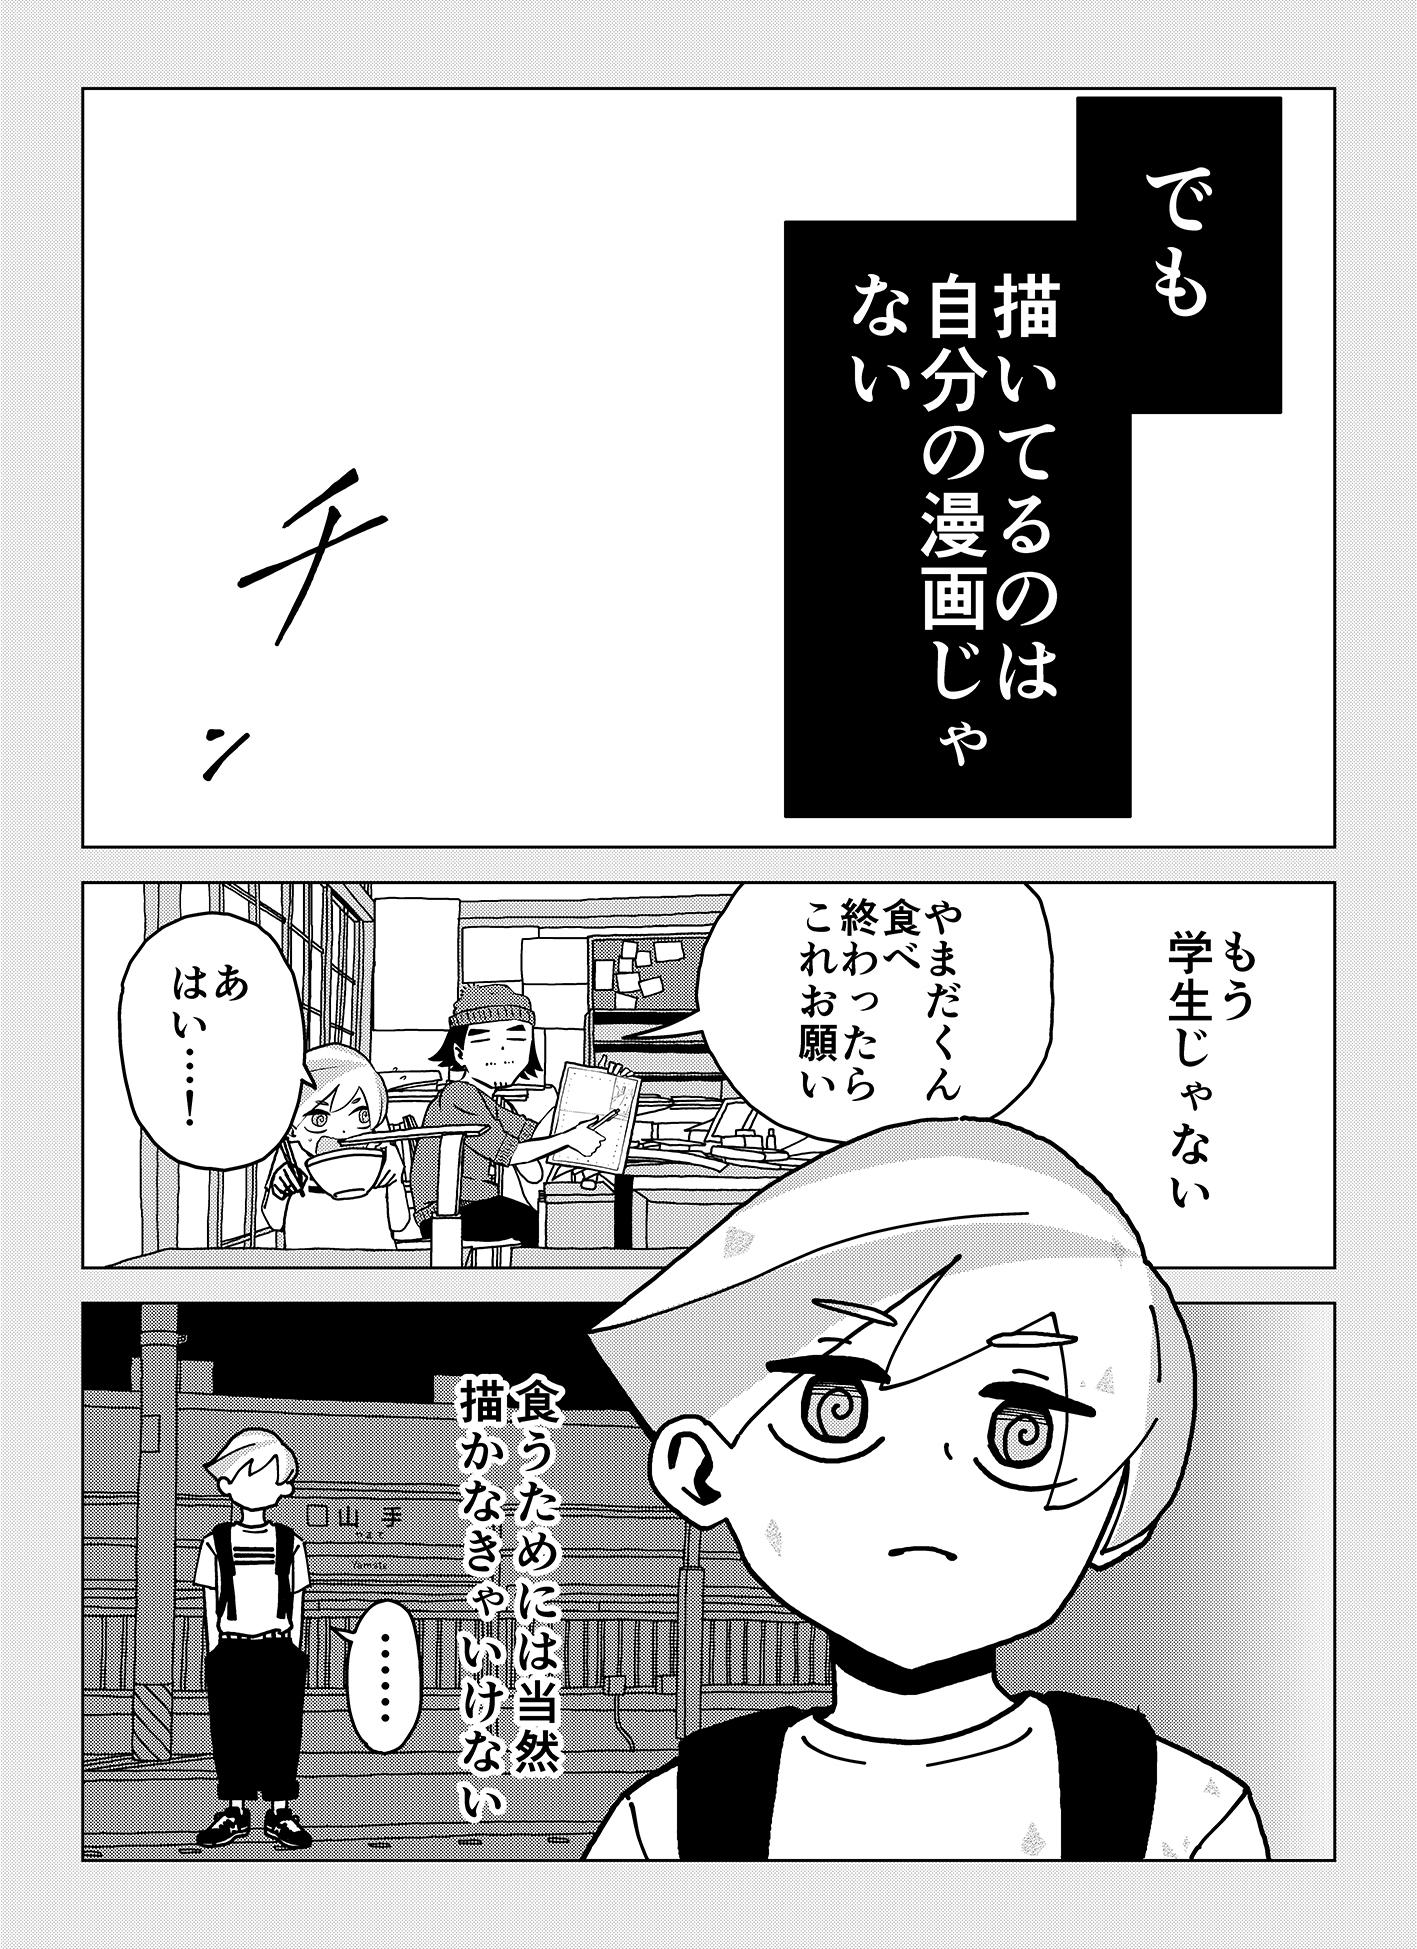 share_11_005